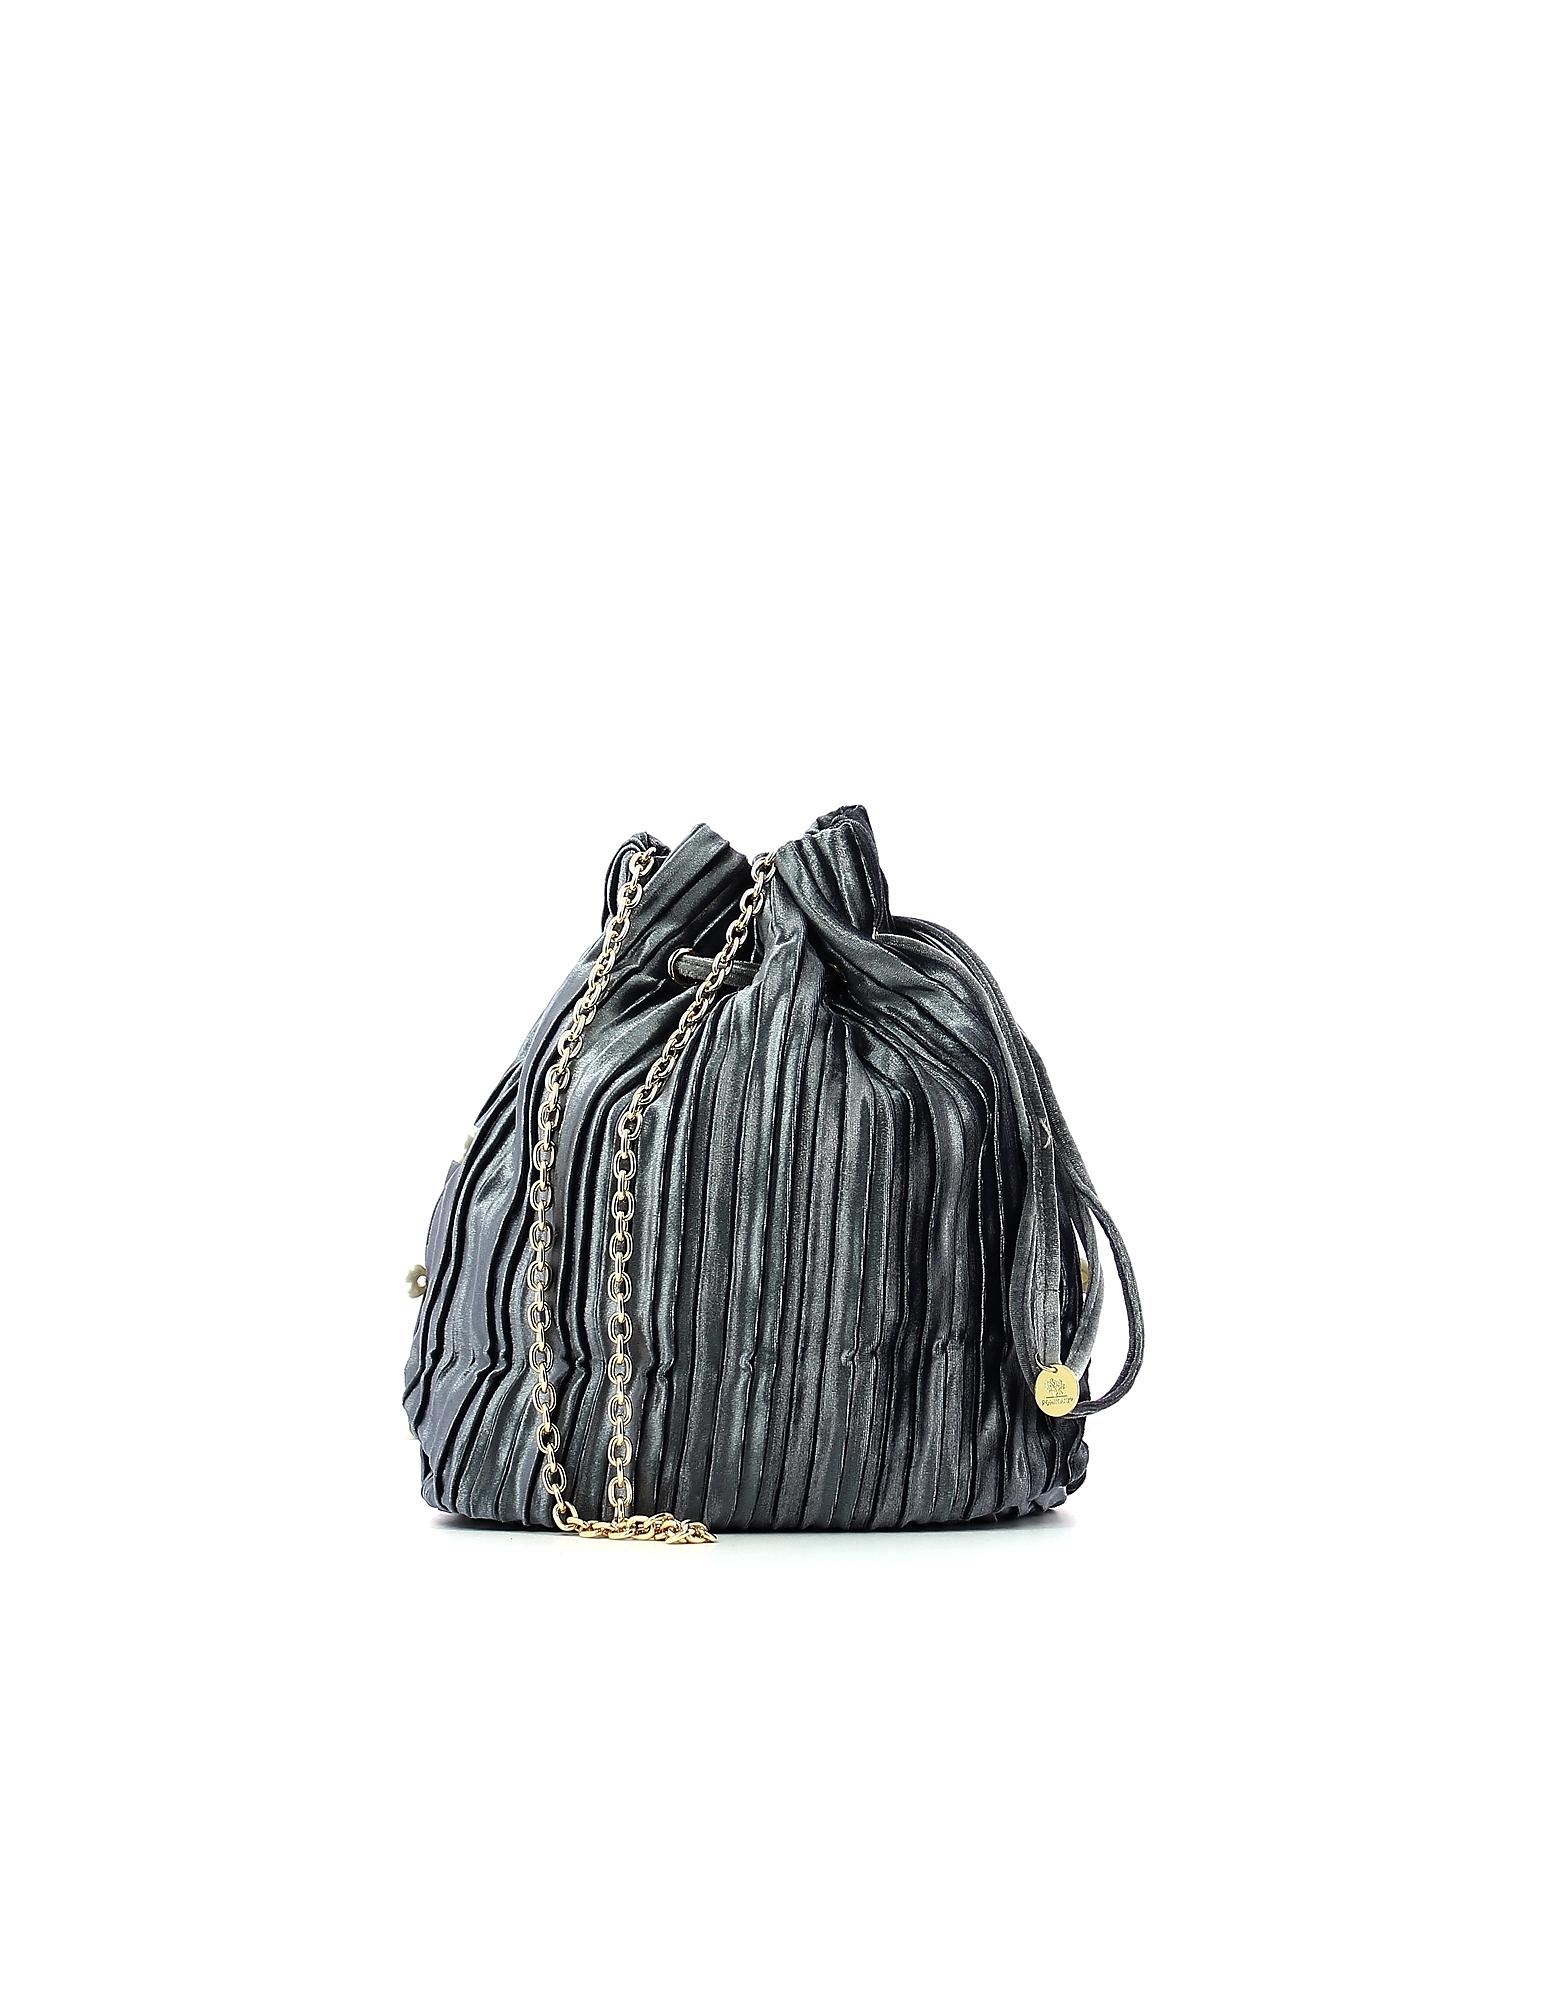 POMIKAKI Designer Handbags, Women's Gray Bag